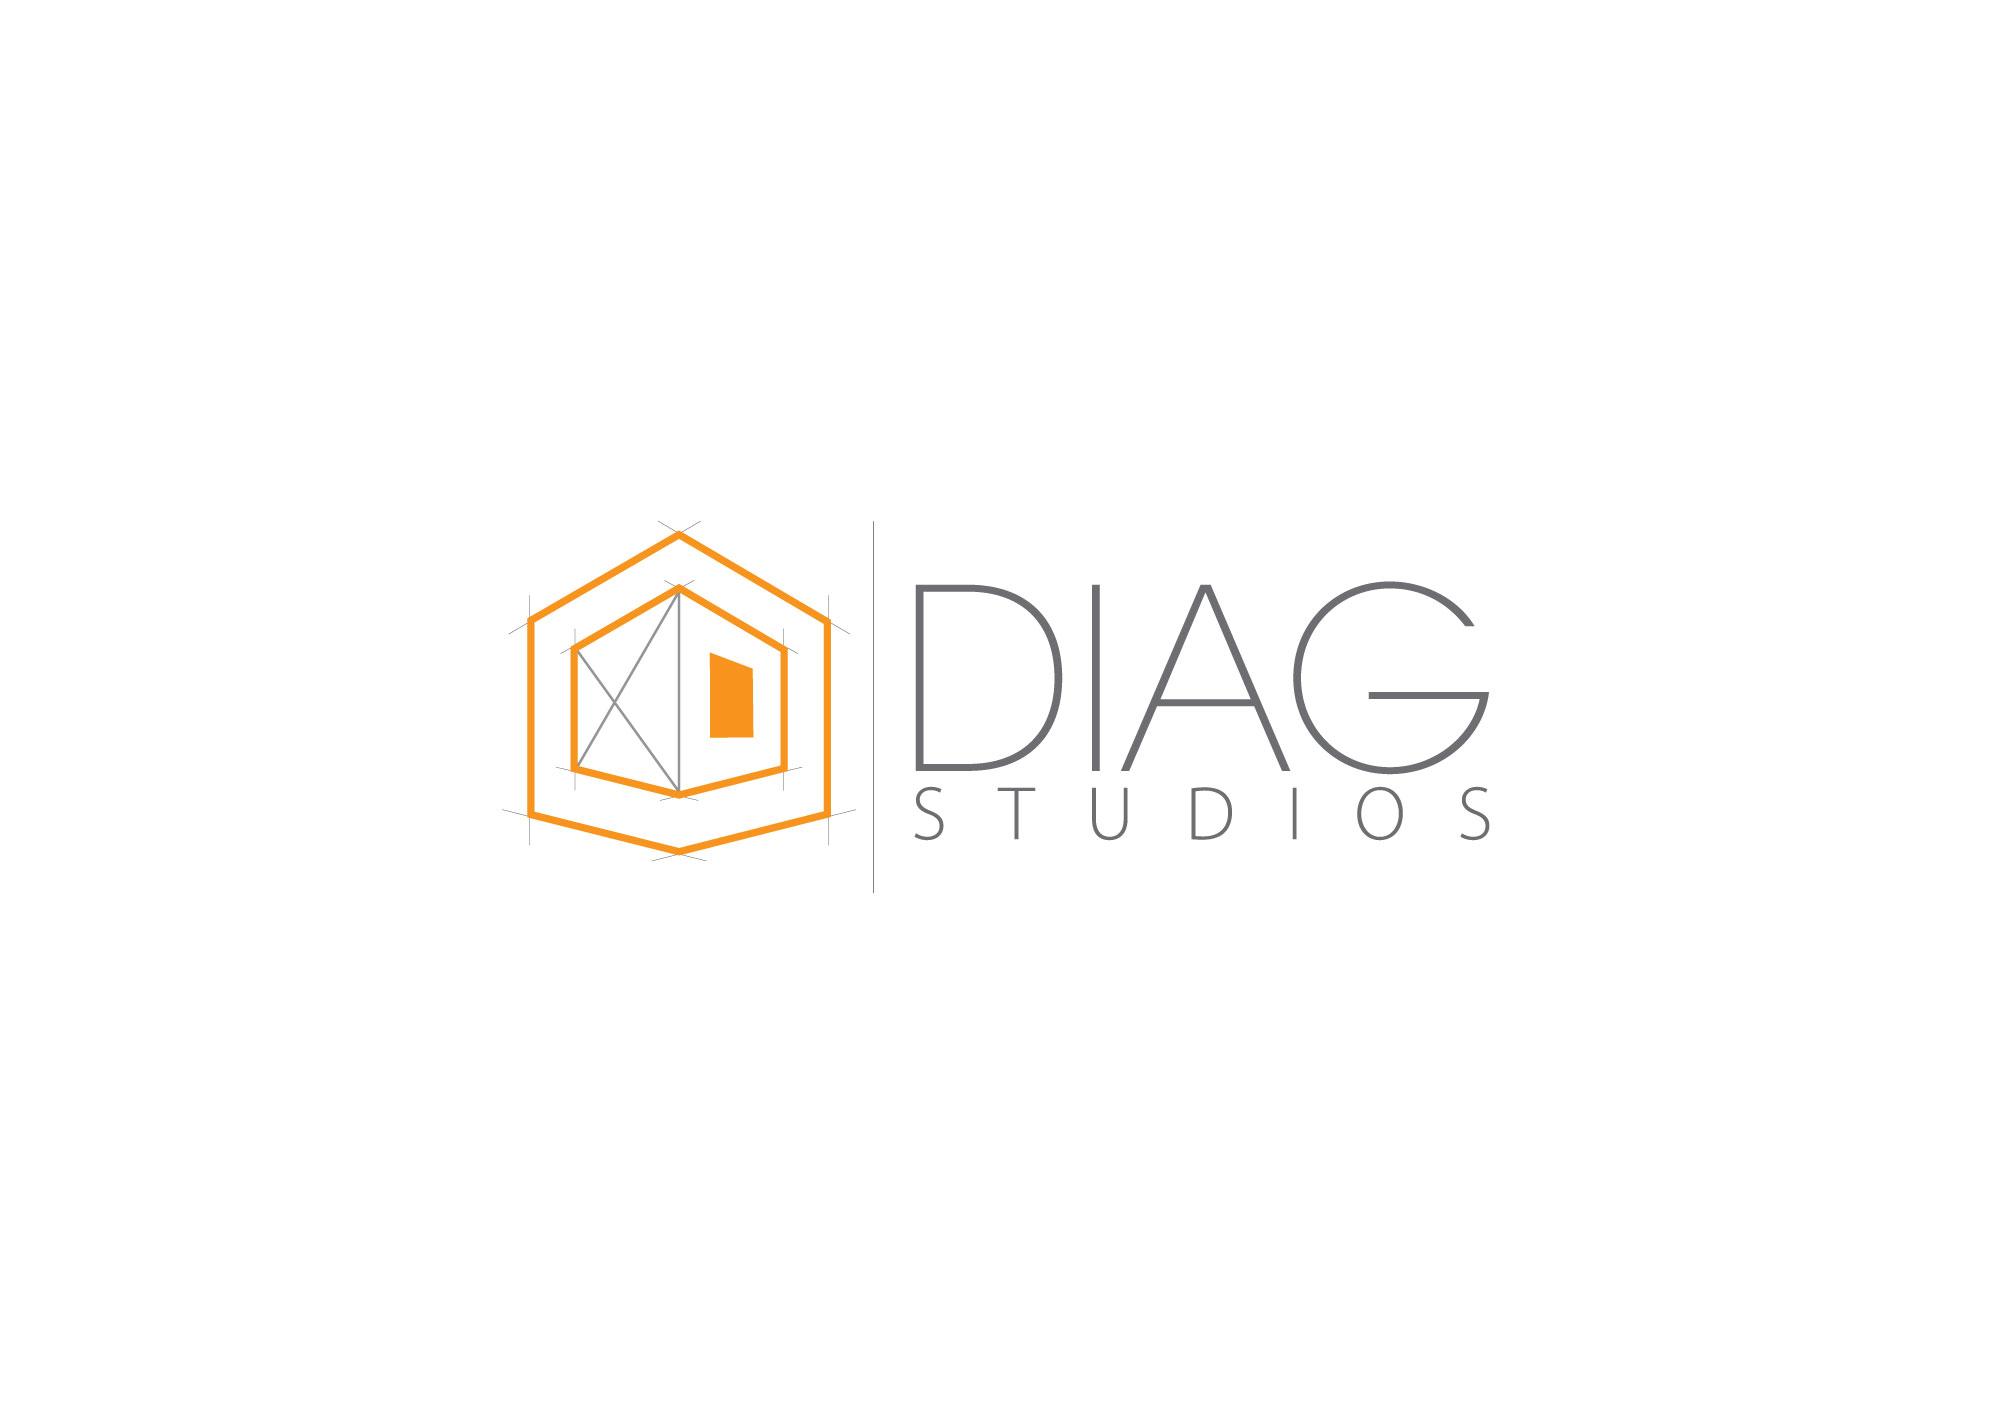 DIAG Studios